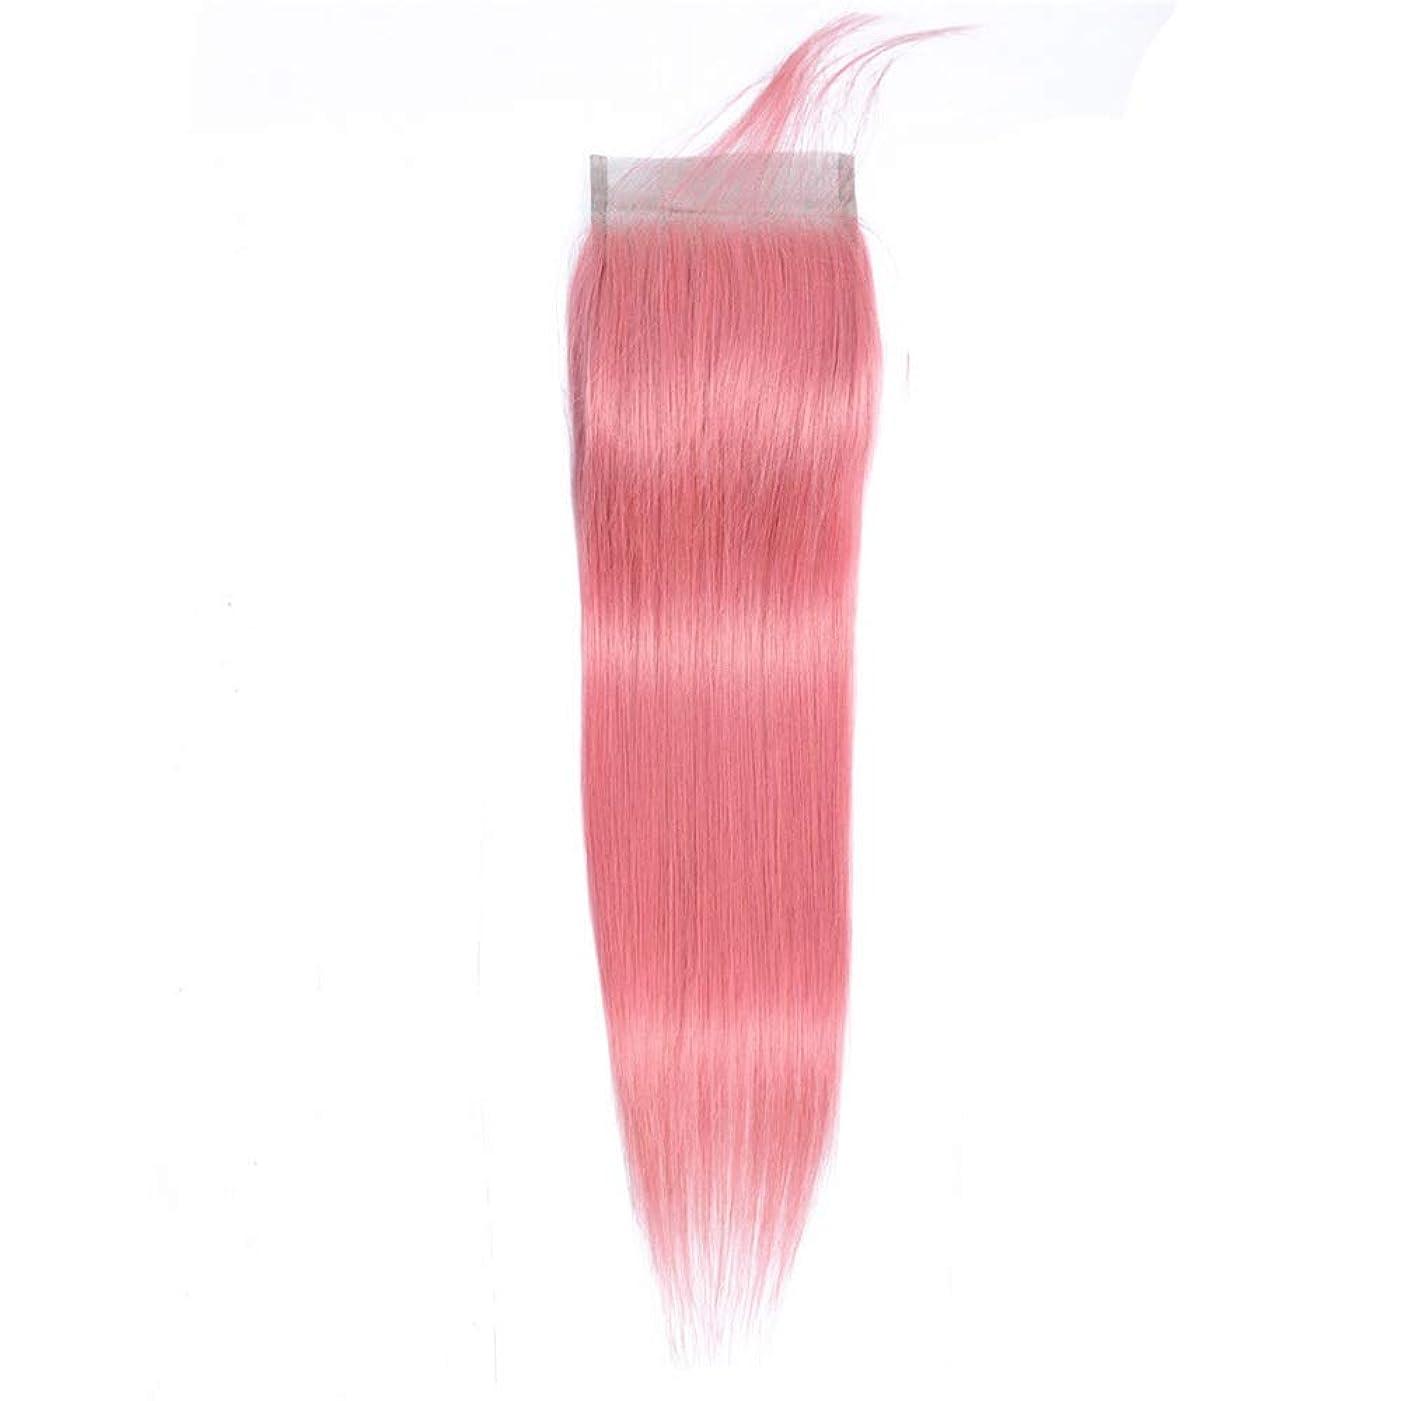 差別化する修士号半円かつら レースの閉鎖無料パート4 * 4レースの正面閉鎖(10インチ-16インチ)ファッションウィッグとピンクの100%人毛ブラジルストレートヘア (色 : ピンク, サイズ : 12 inch)